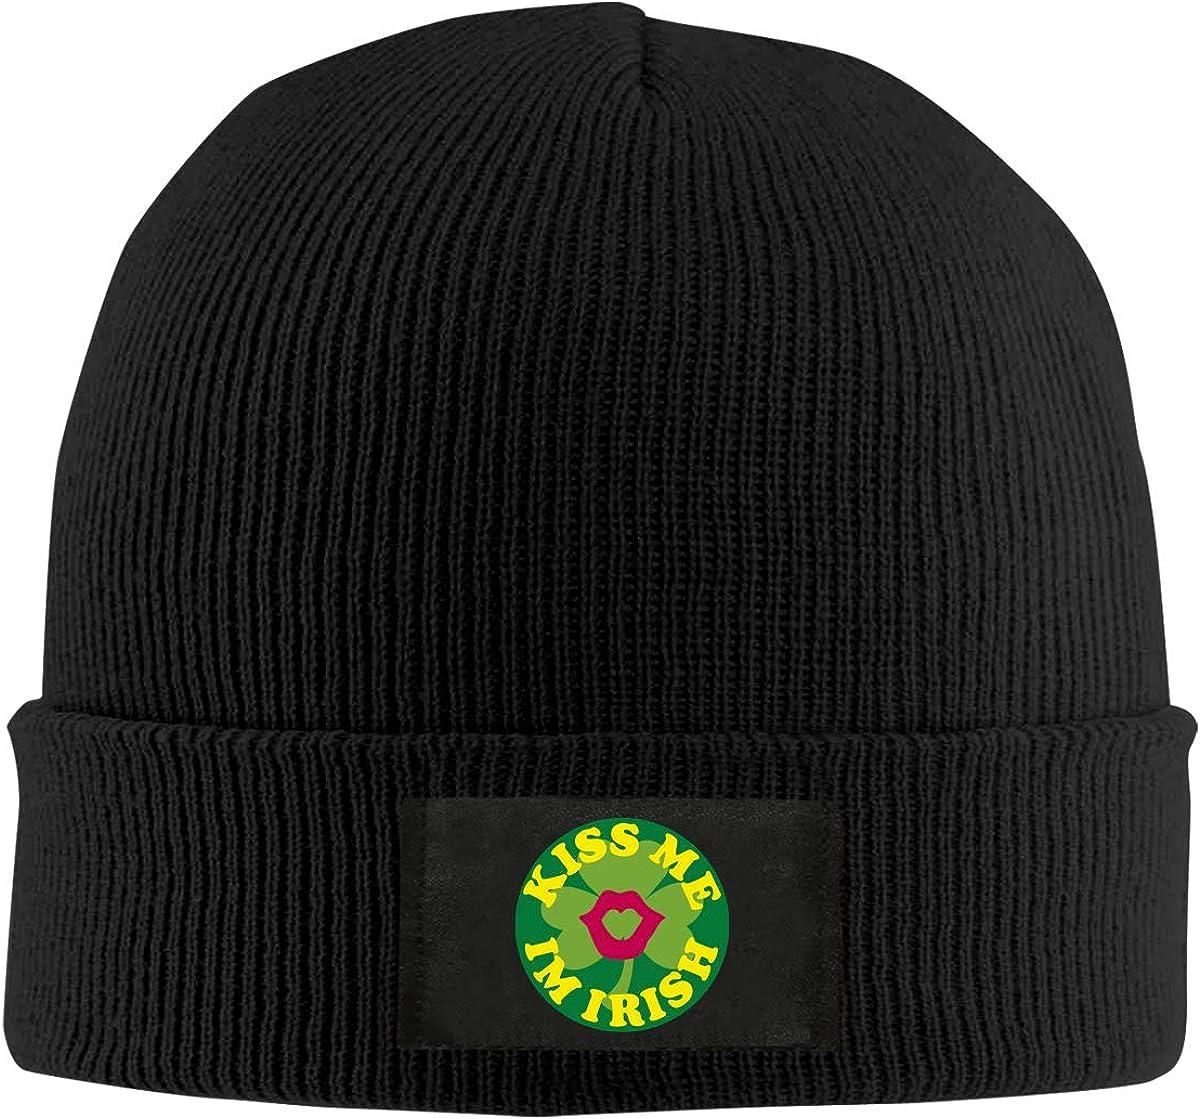 Mens Womens Kiss Me Im Irish Knit Beanie Hats Warm Wool Skull Caps